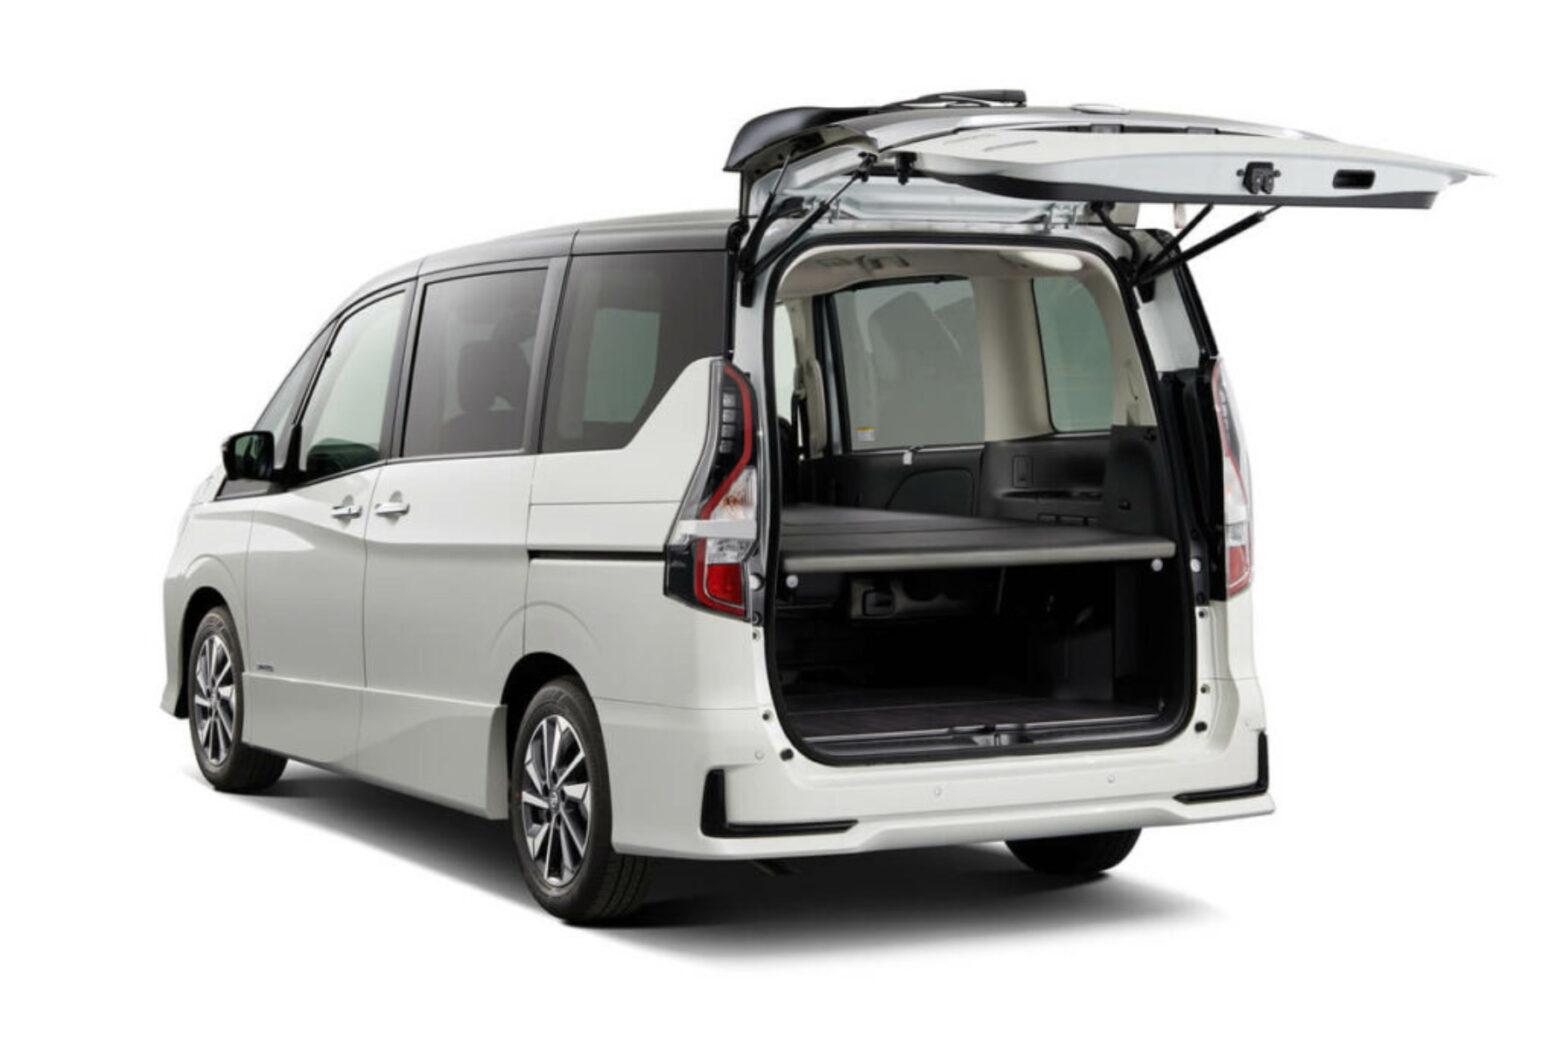 セレナで車中泊するなら|おすすめのC27型用オプションと専用アイテム3選